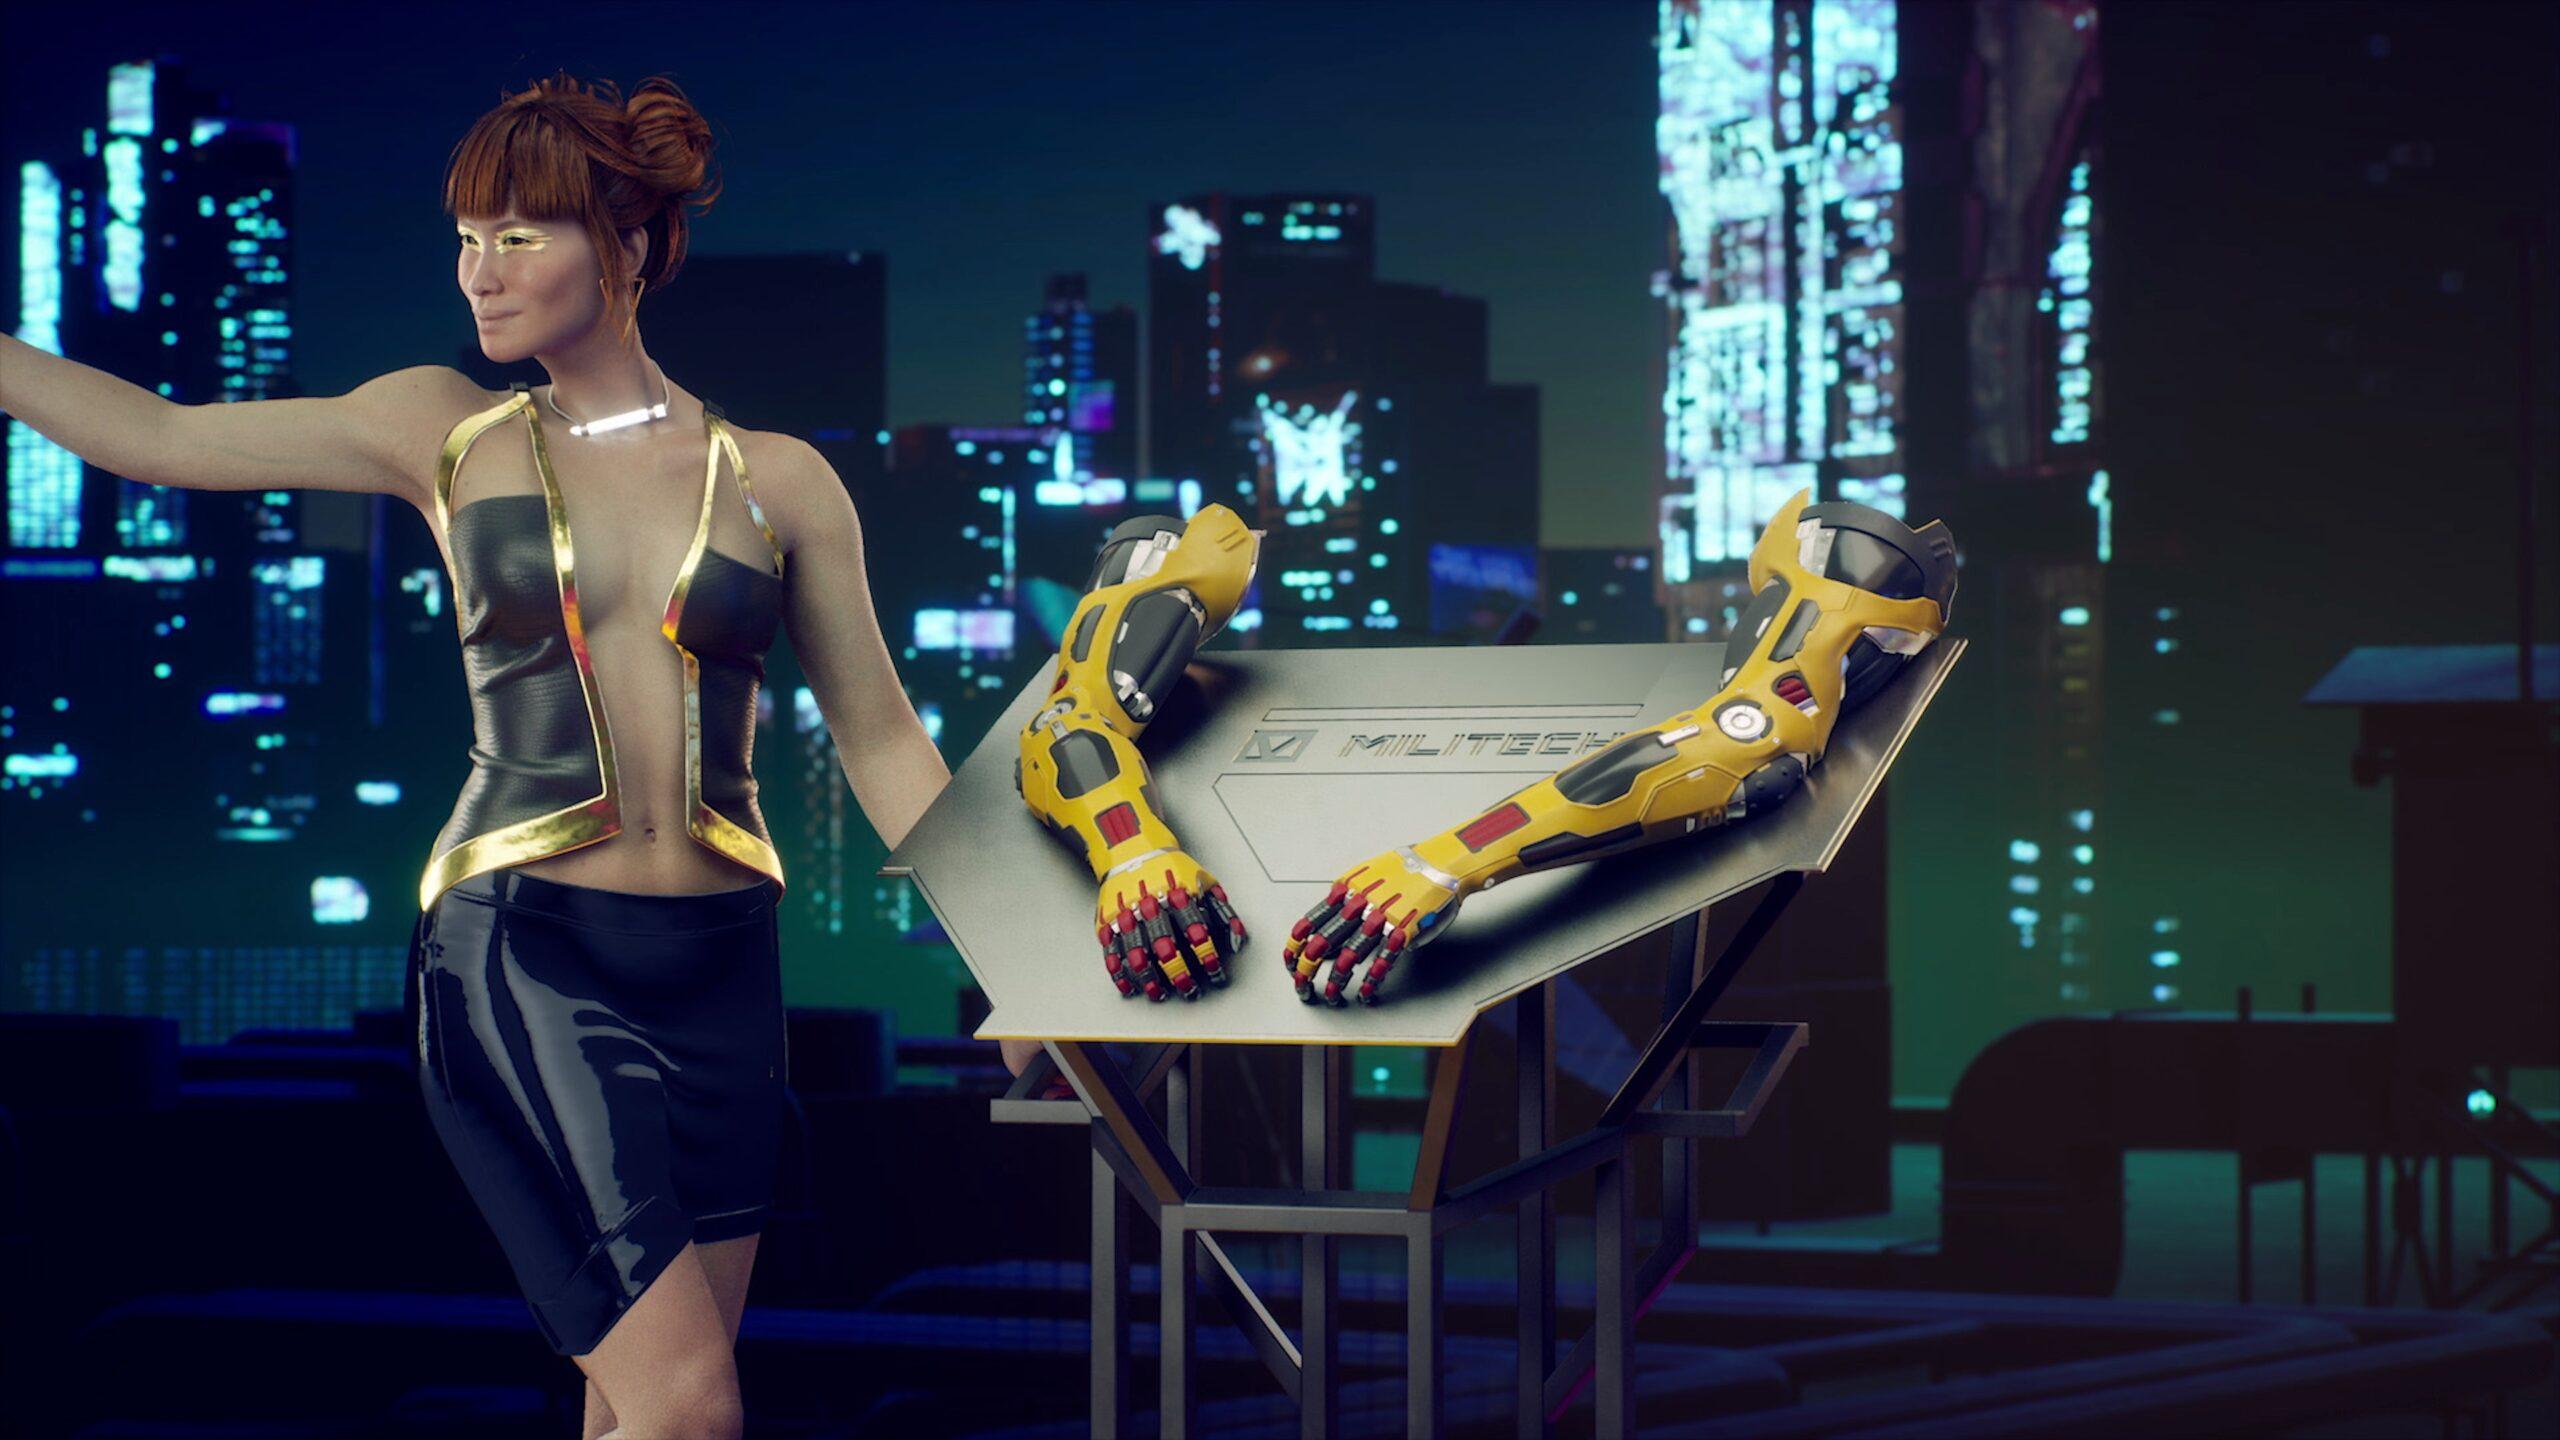 Cyberpunk-2077_2020_11-19-20_001